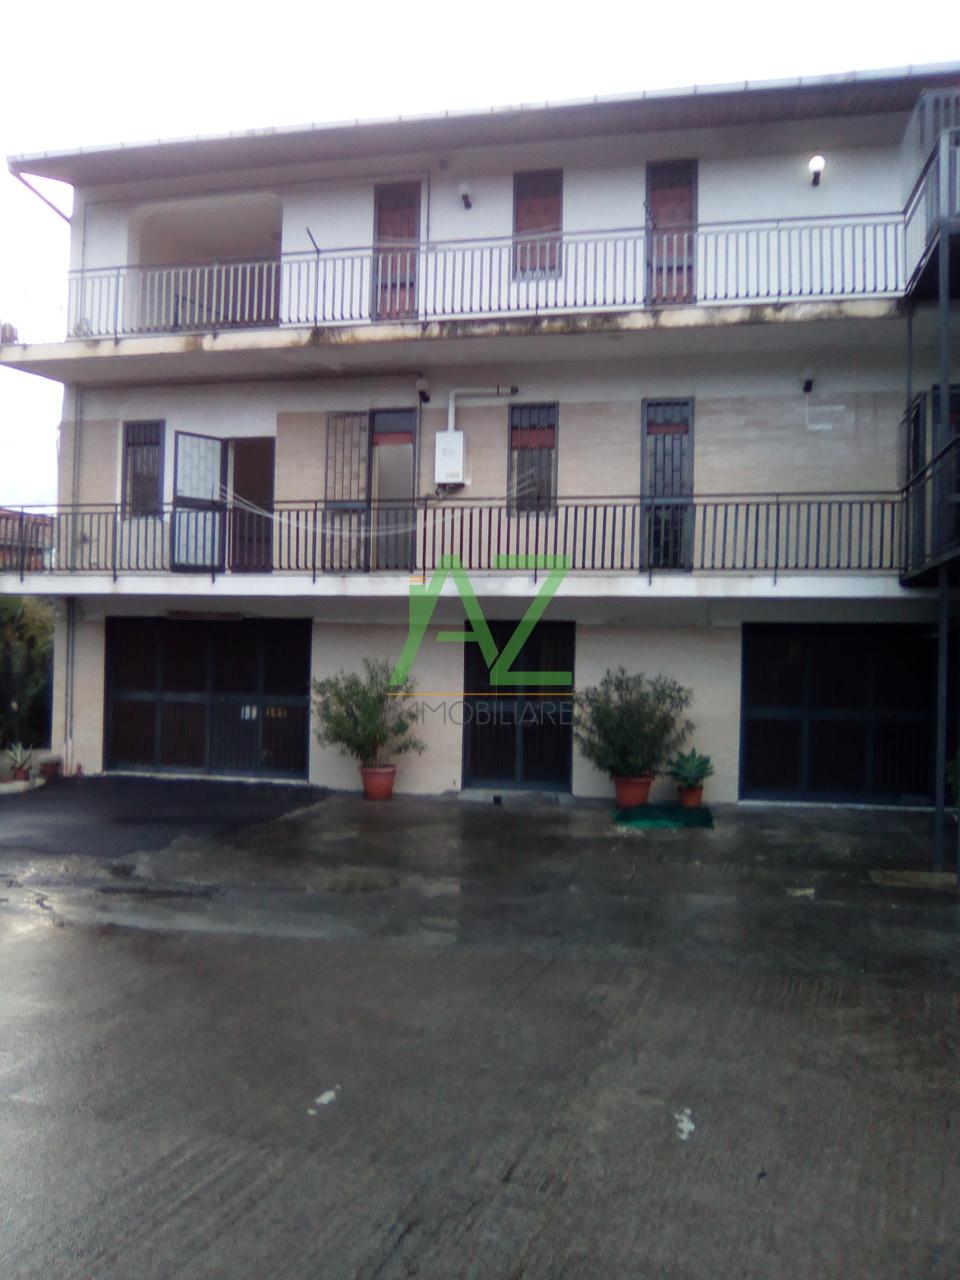 Appartamento in affitto a Misterbianco, 5 locali, prezzo € 550 | Cambio Casa.it